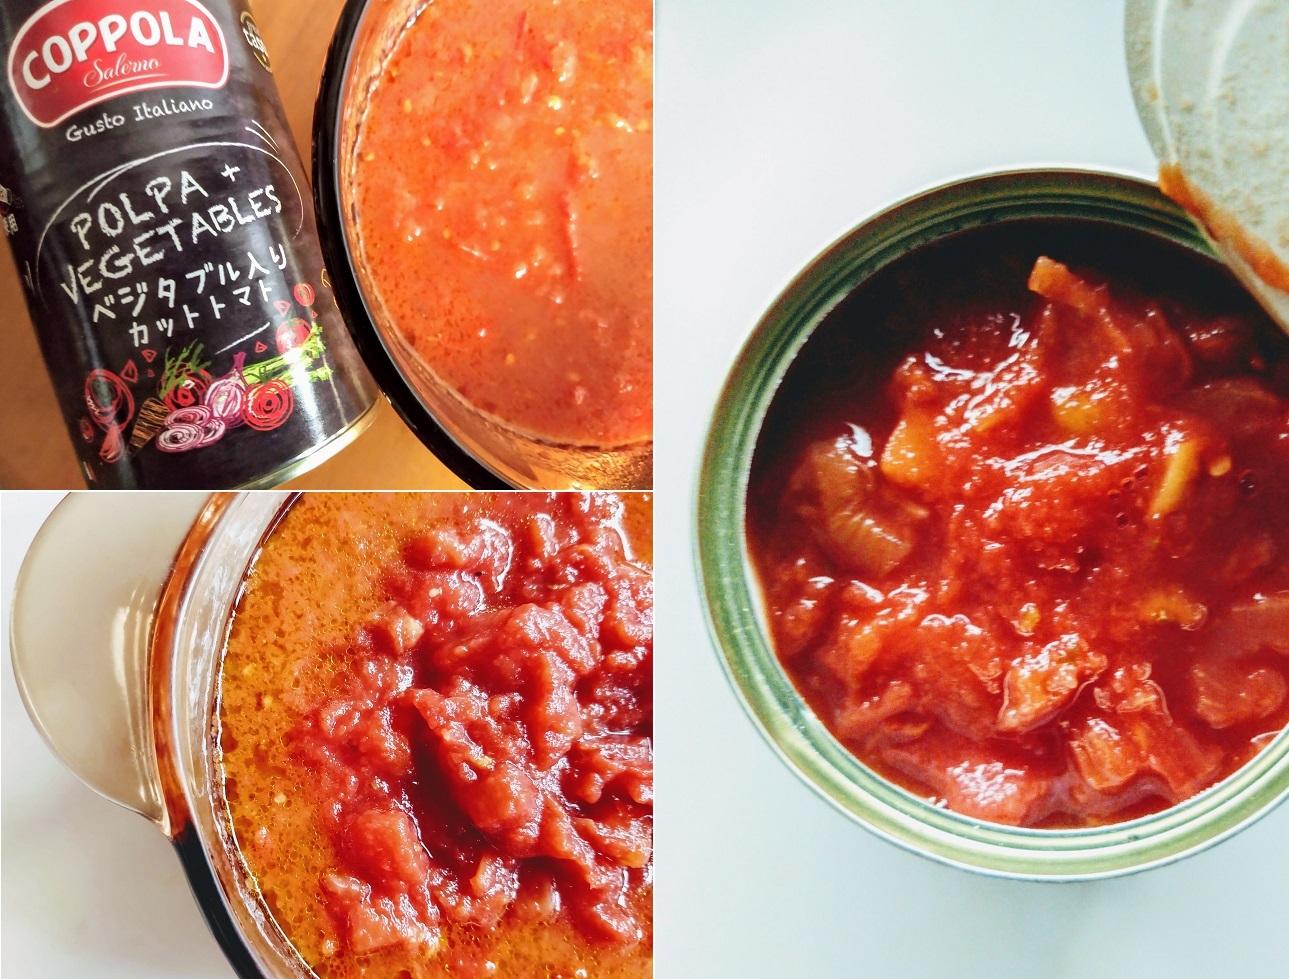 【RSP73】新鮮野菜が入ったフレッシュな完熟トマト缶『コッポラ ポルパ・ピウ』メモス_a0057402_01312462.jpg